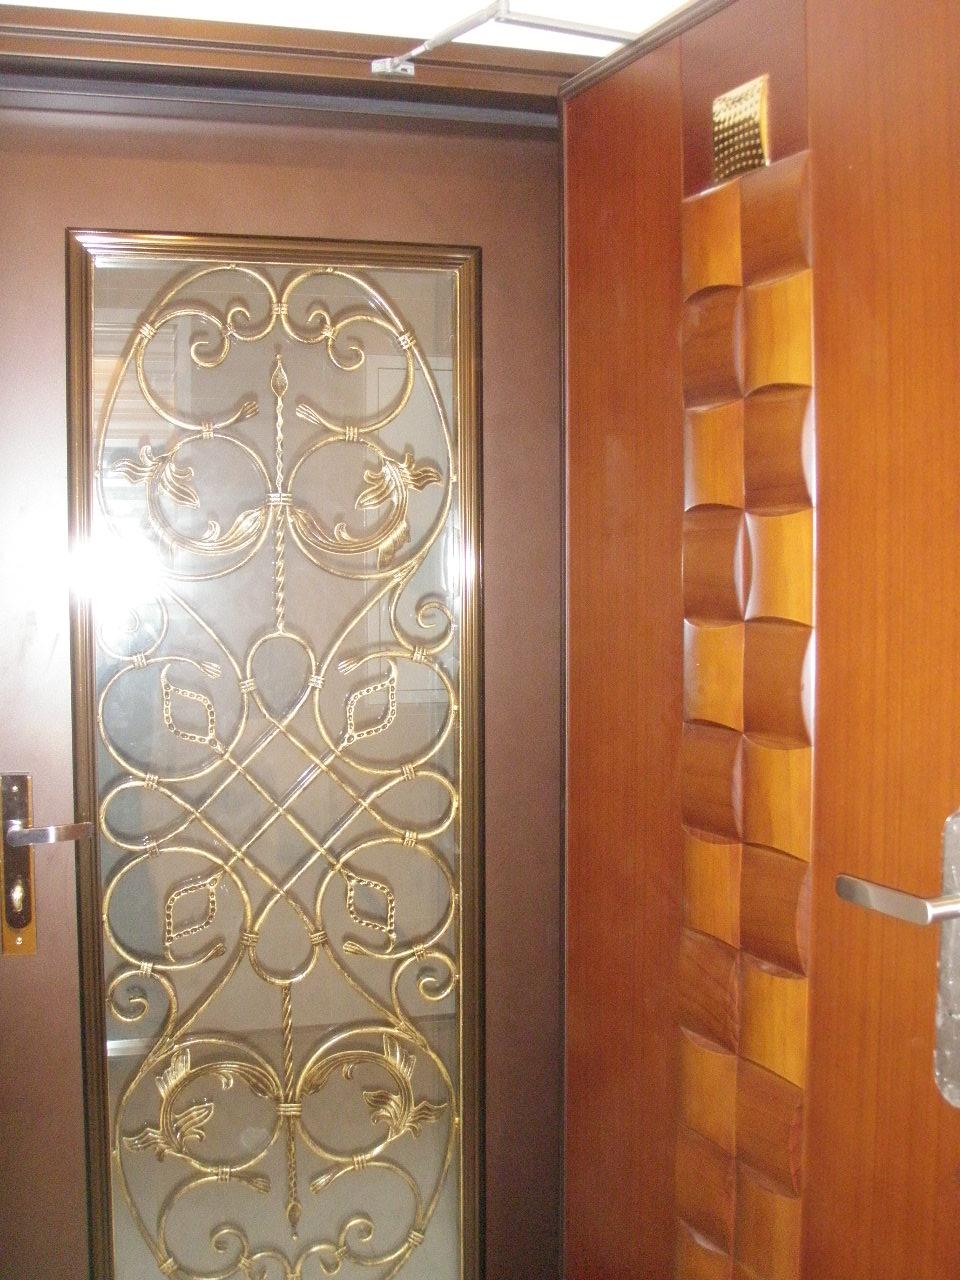 楼房装修样板图 客厅背景墙装修样板图 85平米房子装修样板图